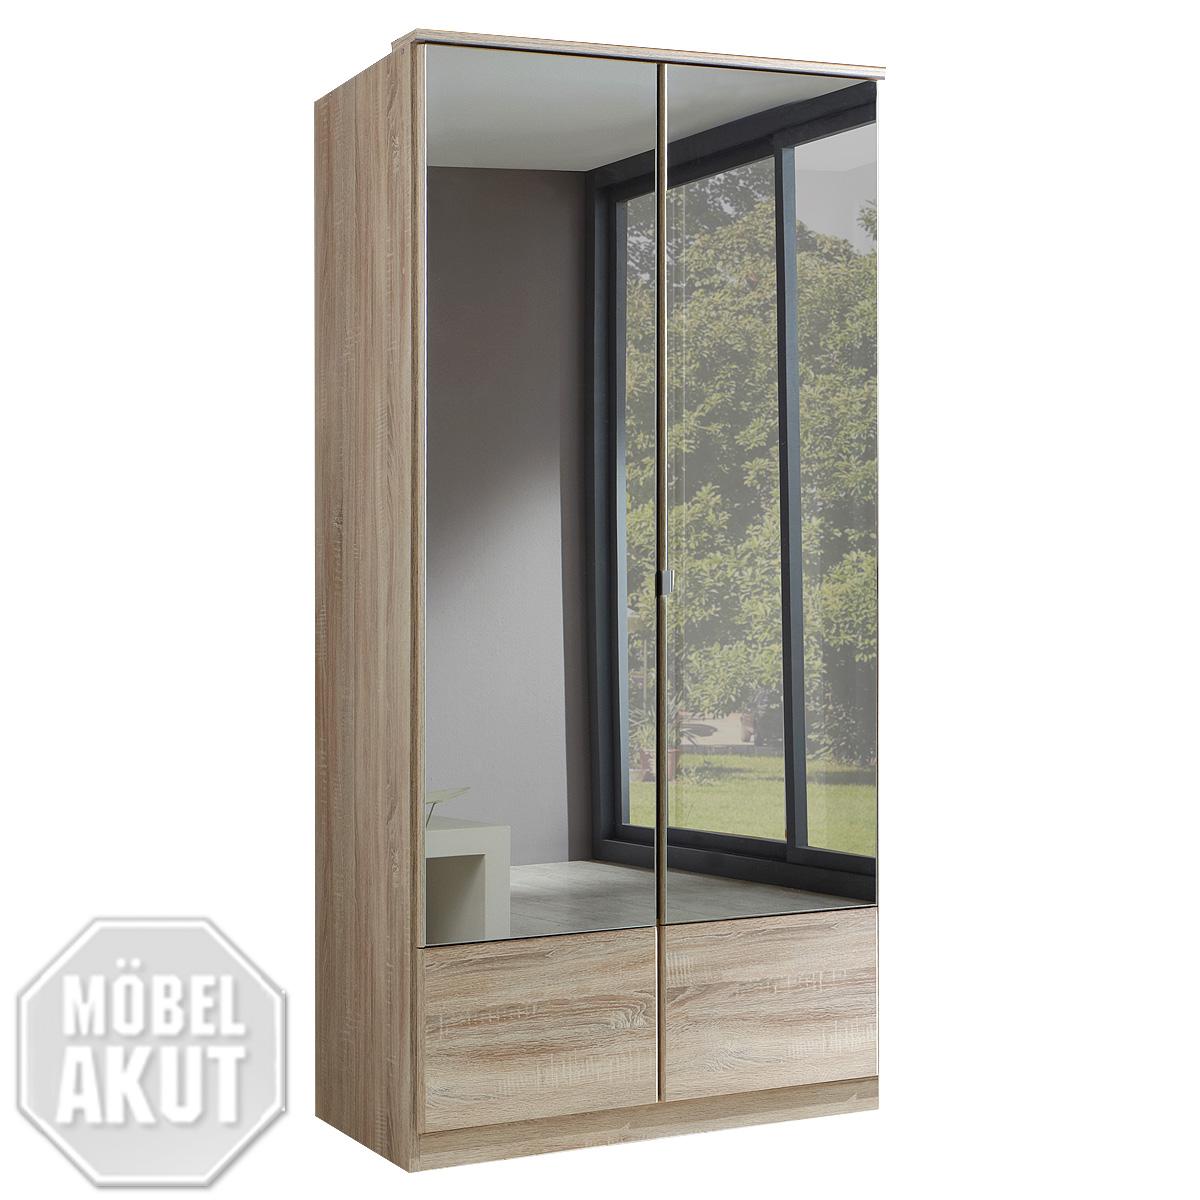 kleiderschrank imago schrank farbwahl wei sonoma eiche s gerau nussbaum ebay. Black Bedroom Furniture Sets. Home Design Ideas